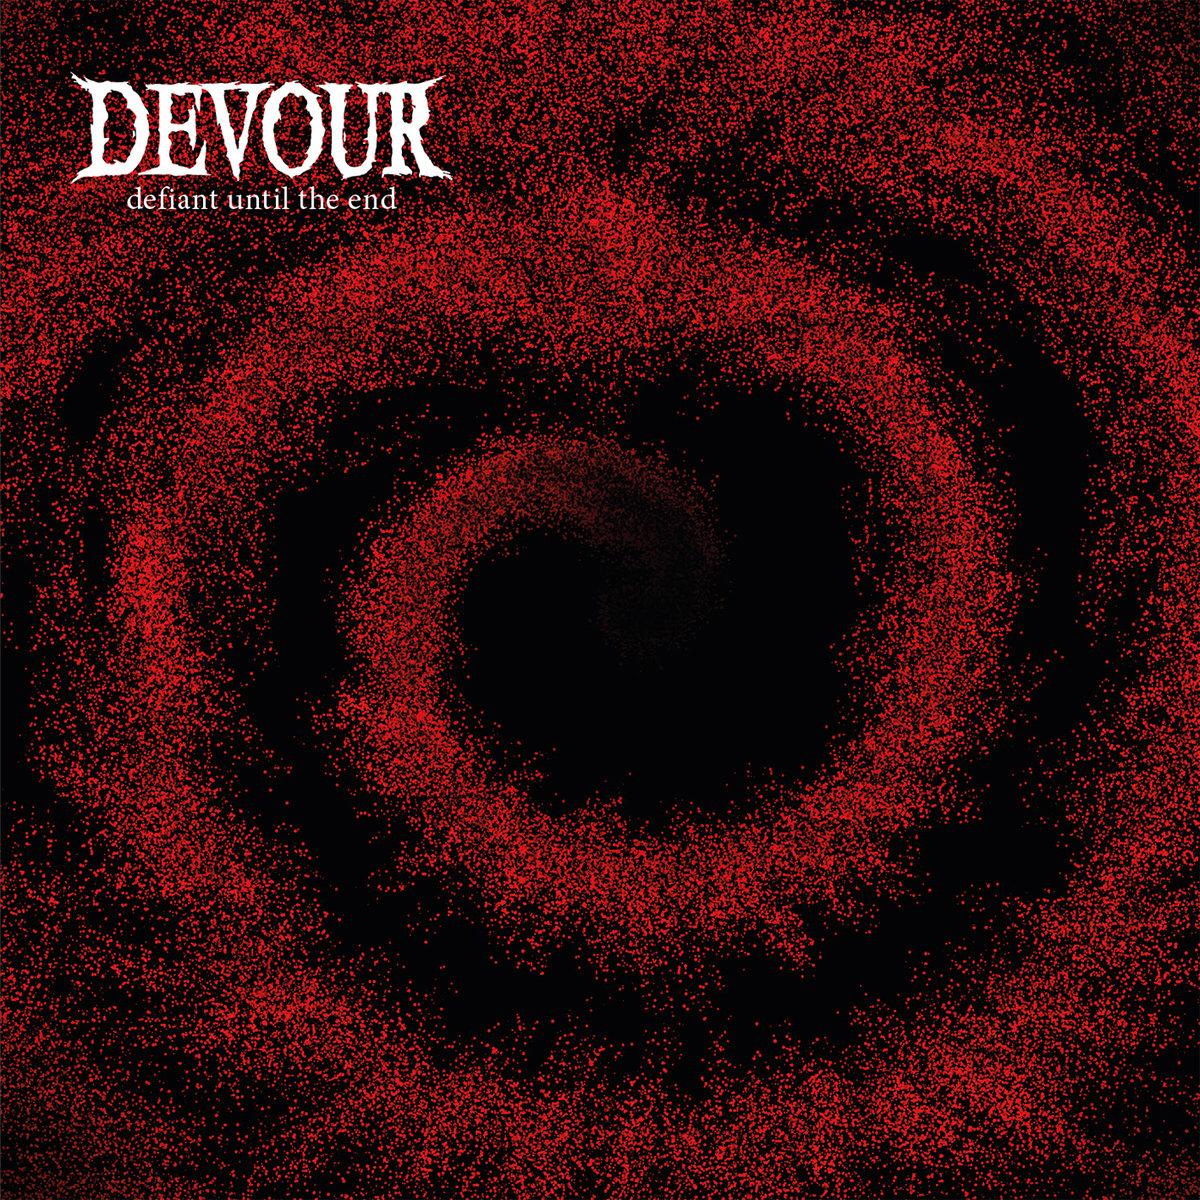 Devour - Defiant Until The End